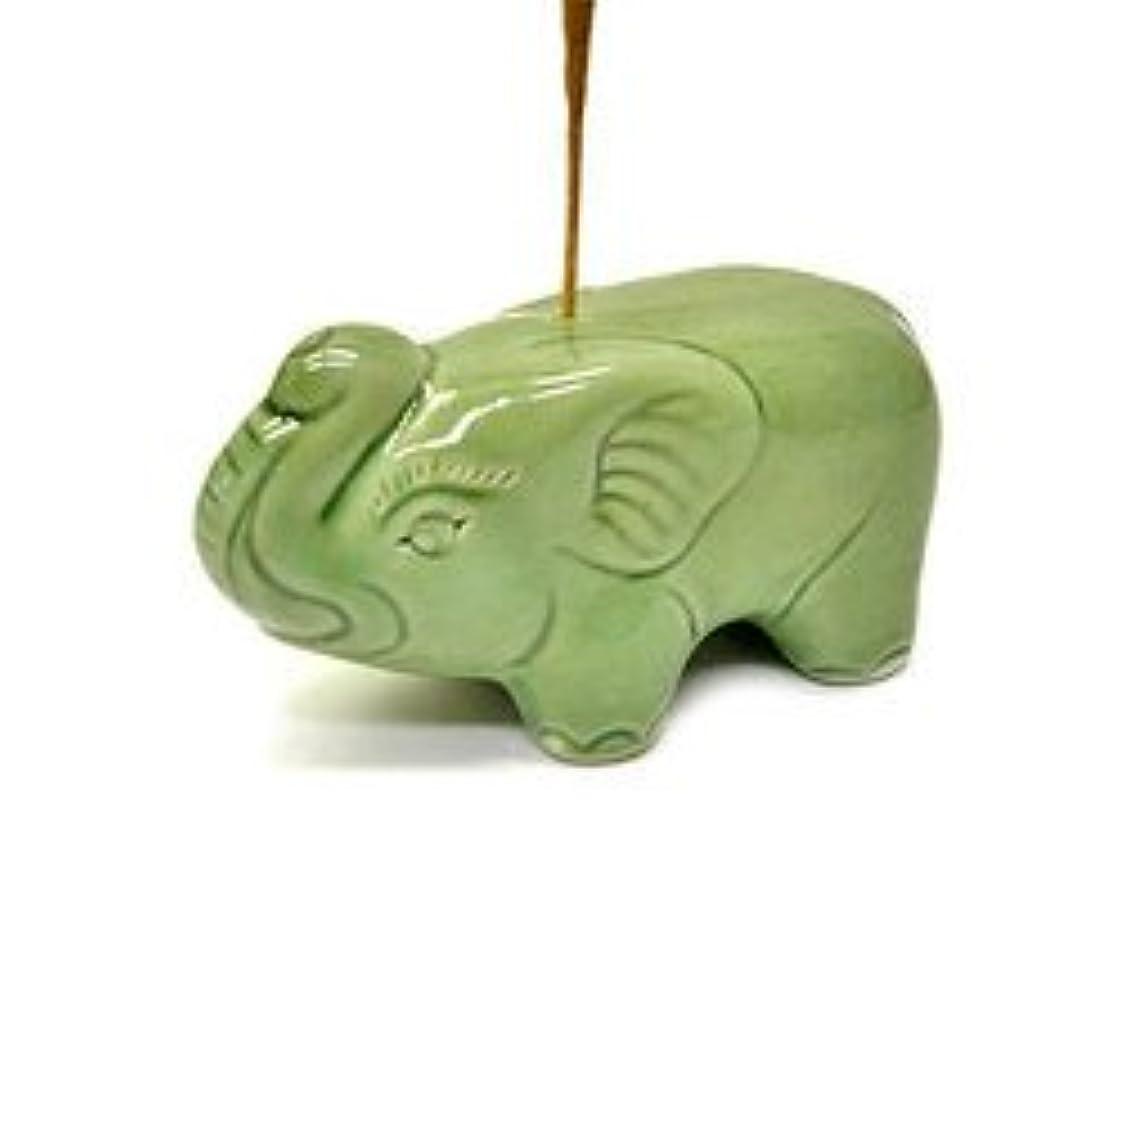 ラリーベルモント場合暗くする象さんのお香立て <緑> インセンスホルダー/スティックタイプ用お香立て?お香たて アジアン雑貨